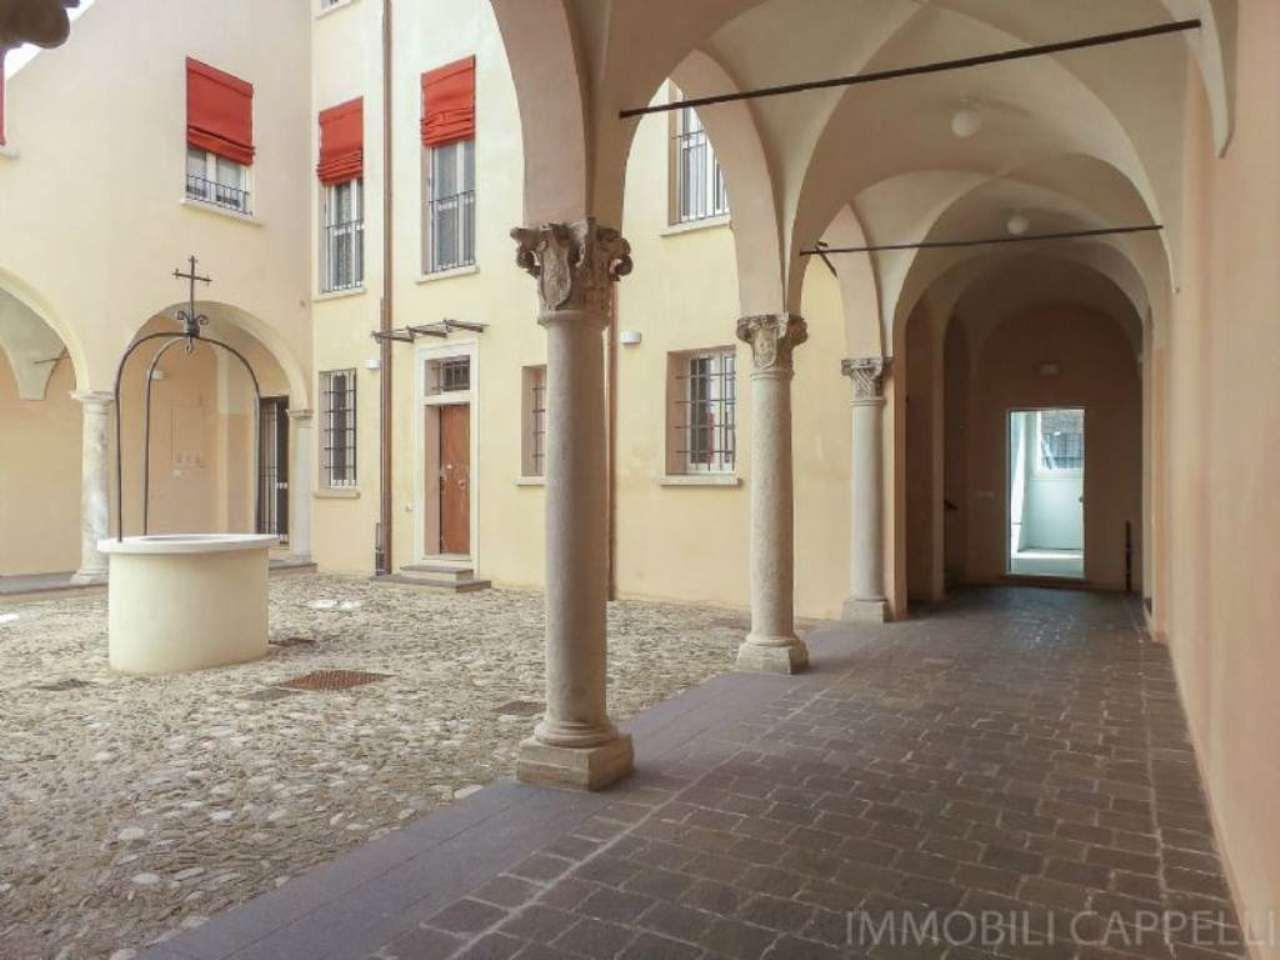 Appartamento in vendita a Cesena, 2 locali, prezzo € 270.000 | CambioCasa.it